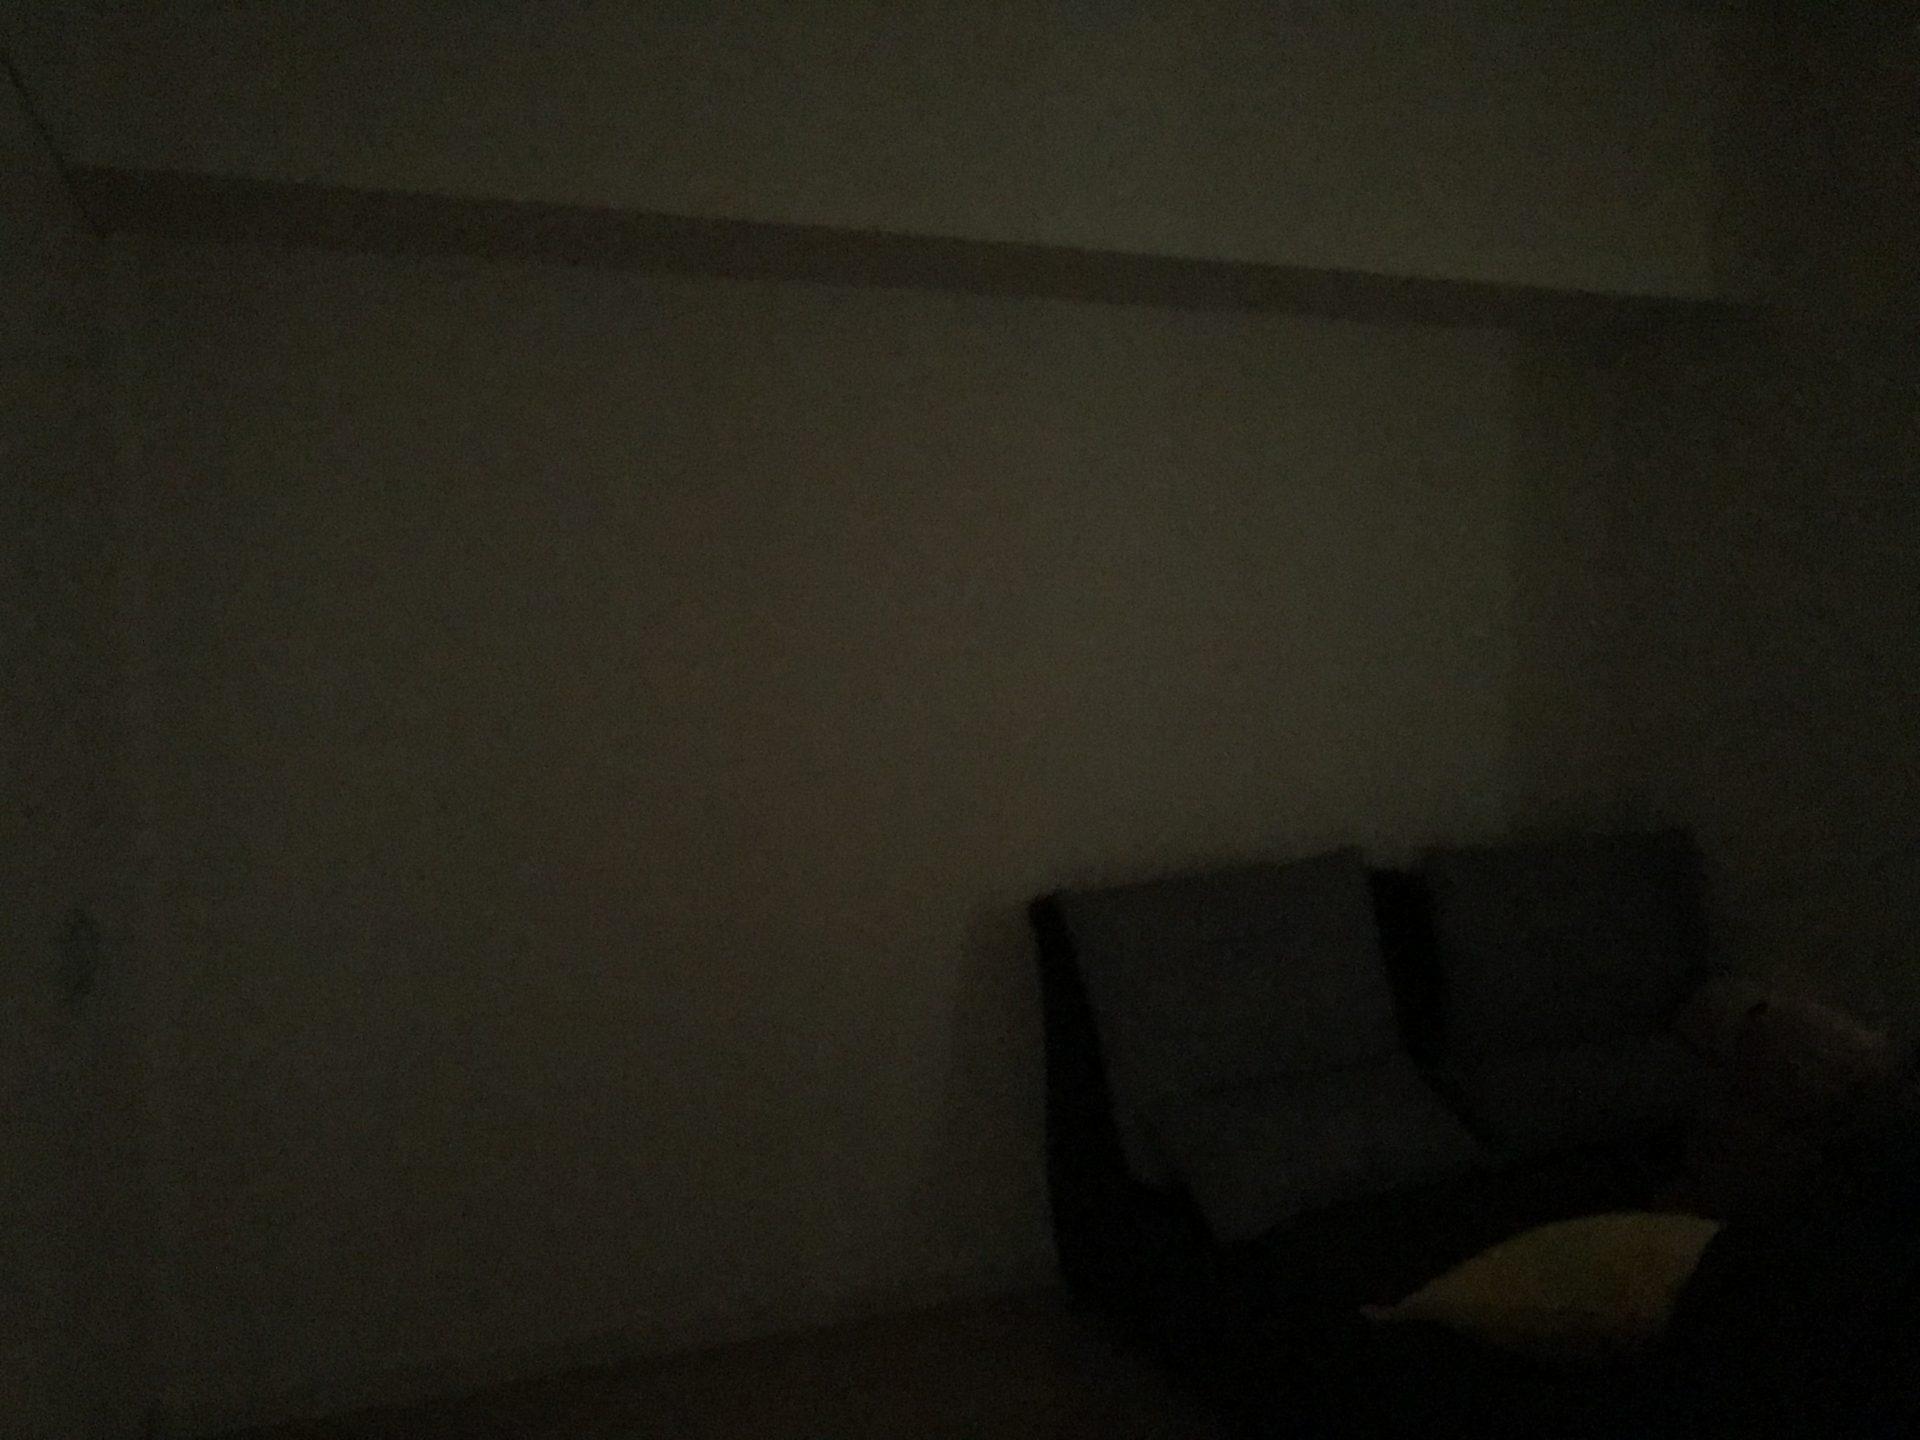 寝室の遮光1級Bの暗さ